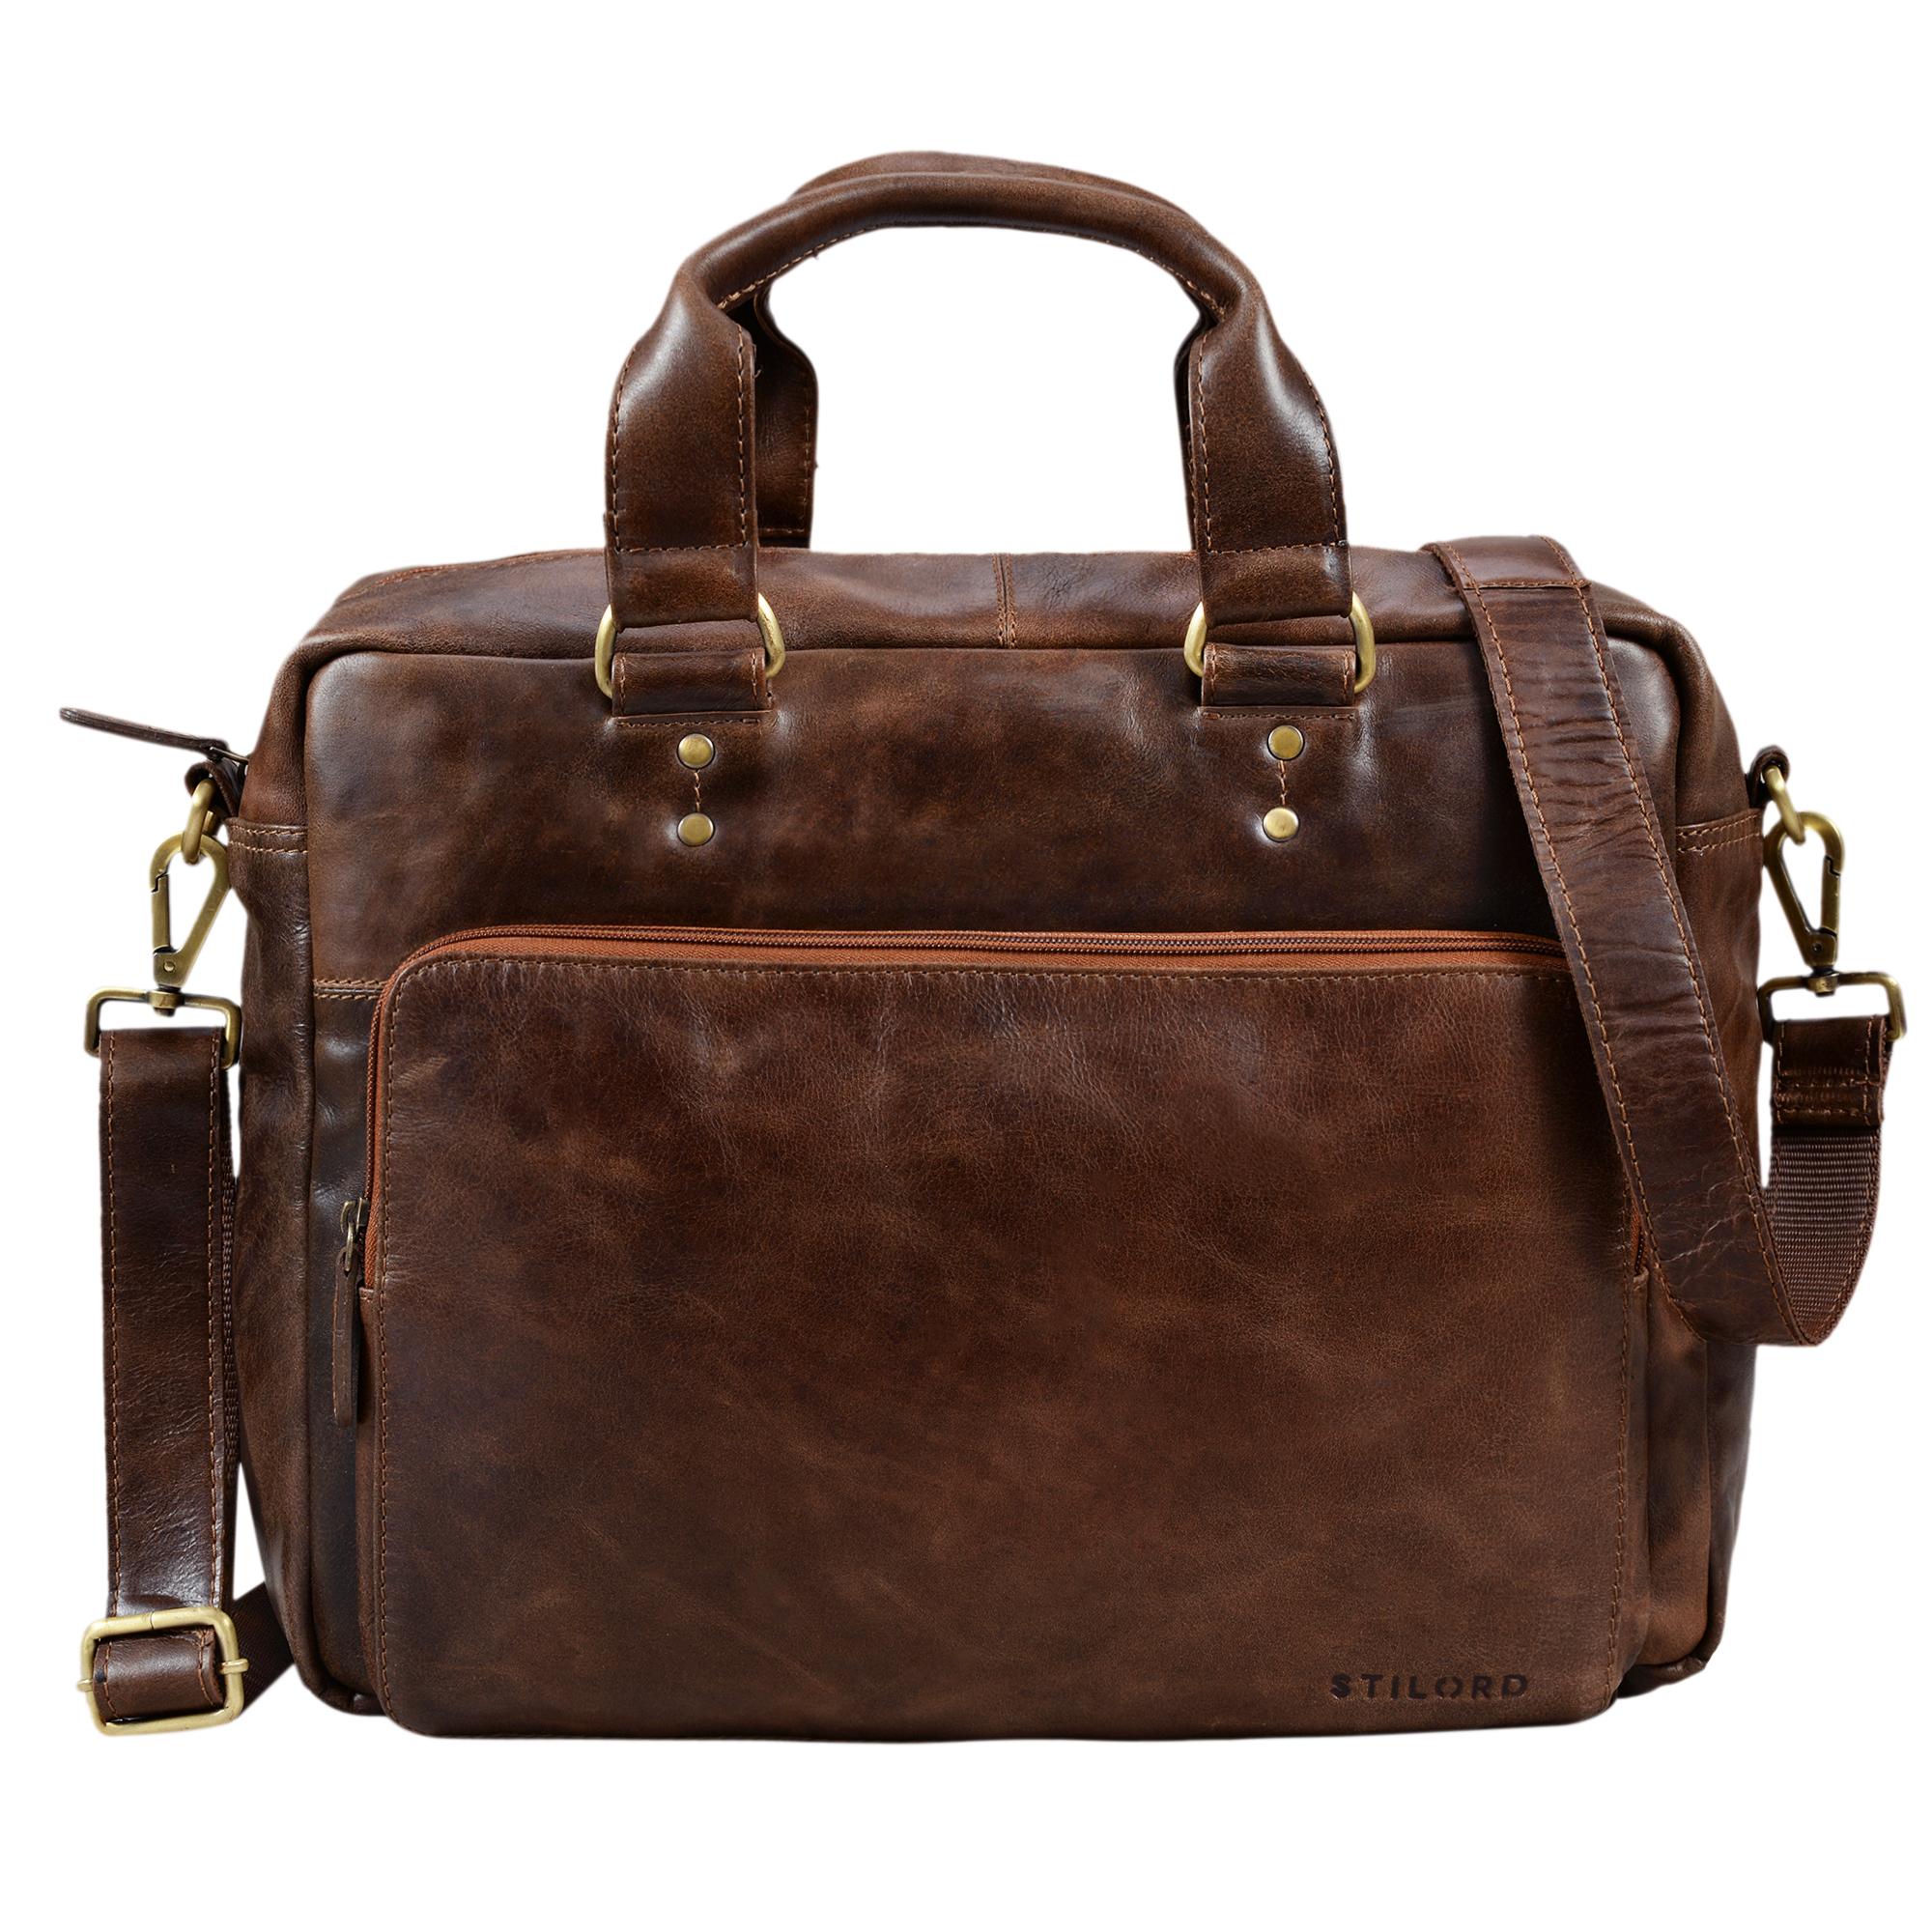 """STILORD """"Jack"""" Ledertasche Aktentasche Herren Vintage Umhängetasche für Büro Business Arbeit 13,3 Zoll Laptoptasche für große DIN A4 Aktenordner echtes Leder - Bild 3"""